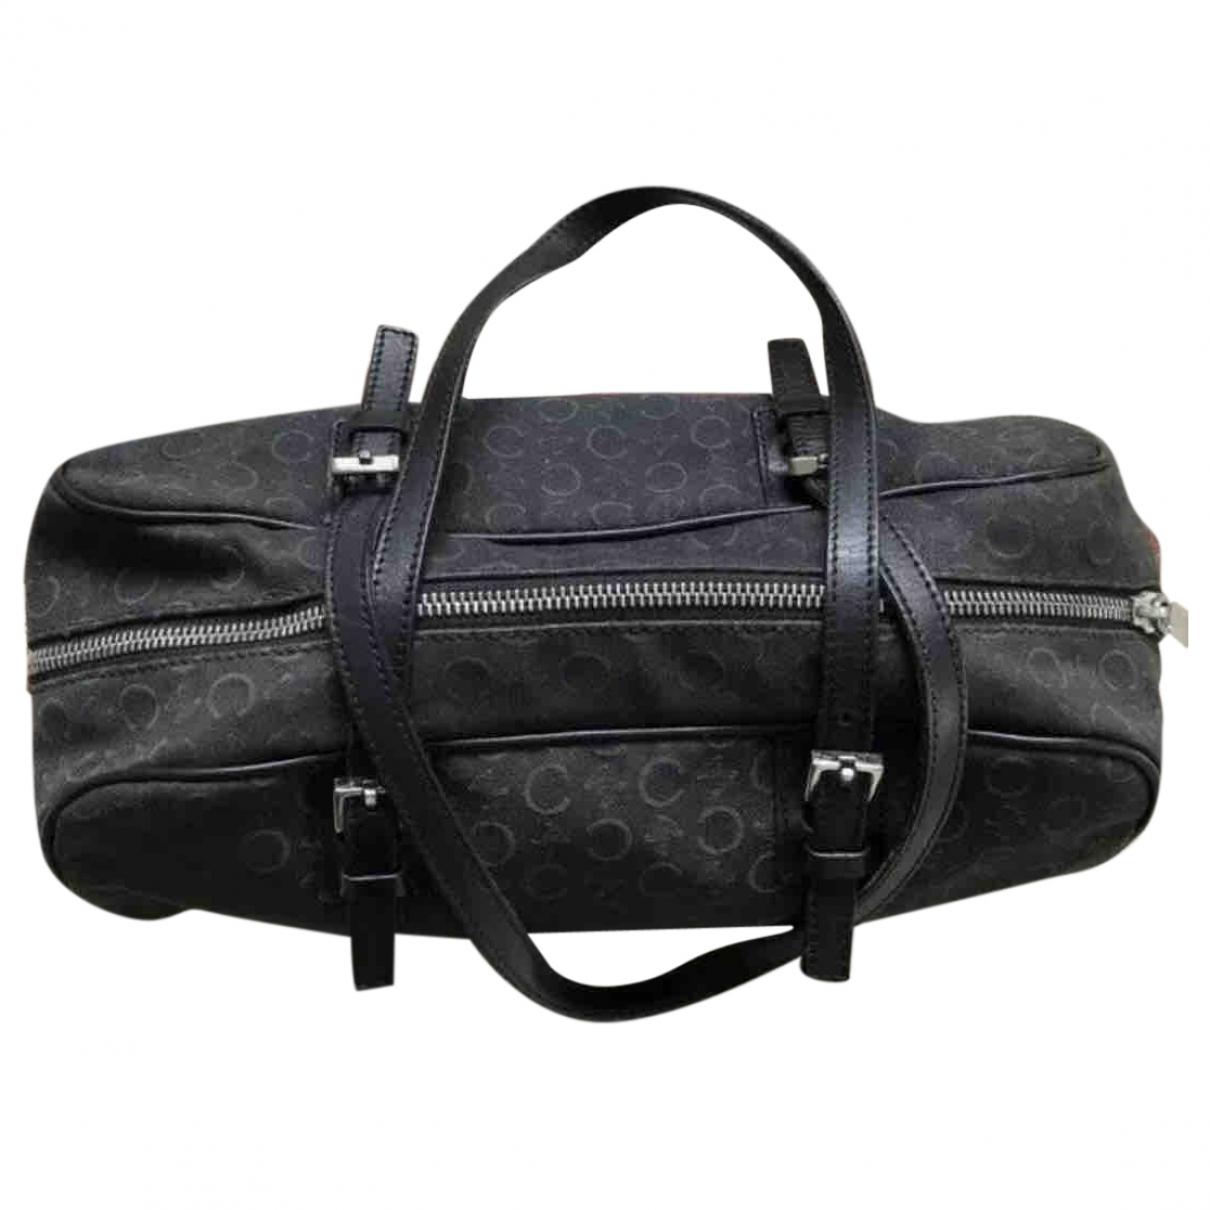 Celine \N Black Cotton handbag for Women \N